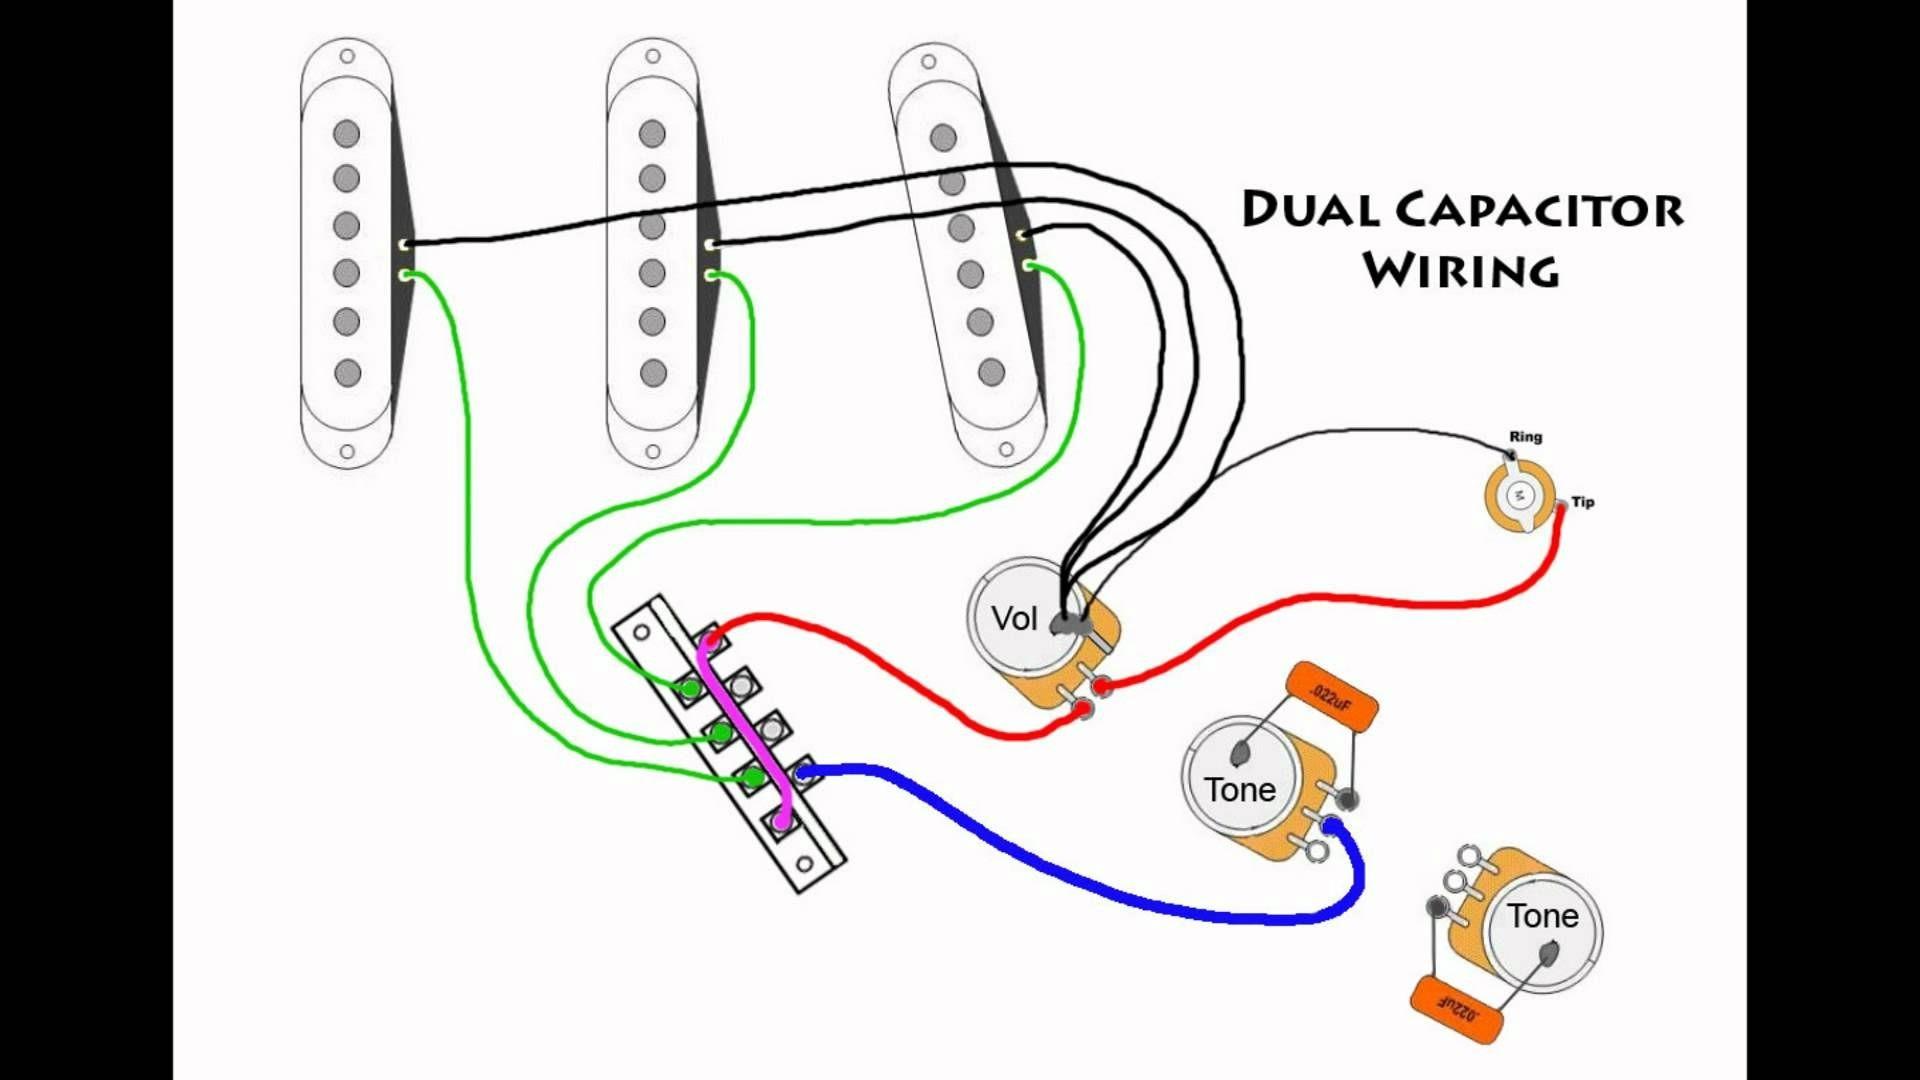 Fender S1 Switch Diagram Jeff Baxter Strat Wiring Diagram Google Search Of Fender S1 Switch Diagram